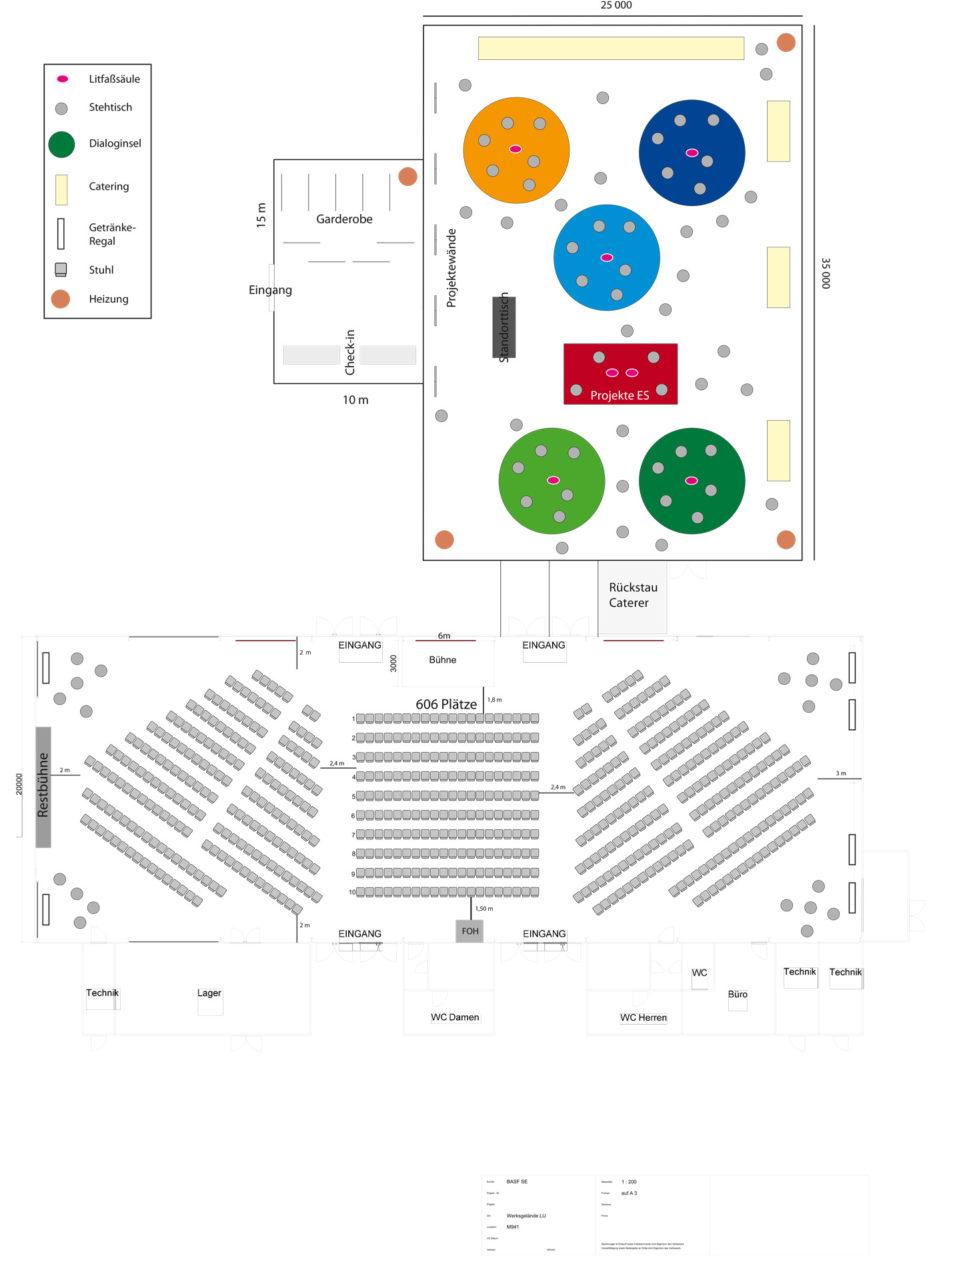 Agentur Ressmann Mannheim Tagungen und Kongresse